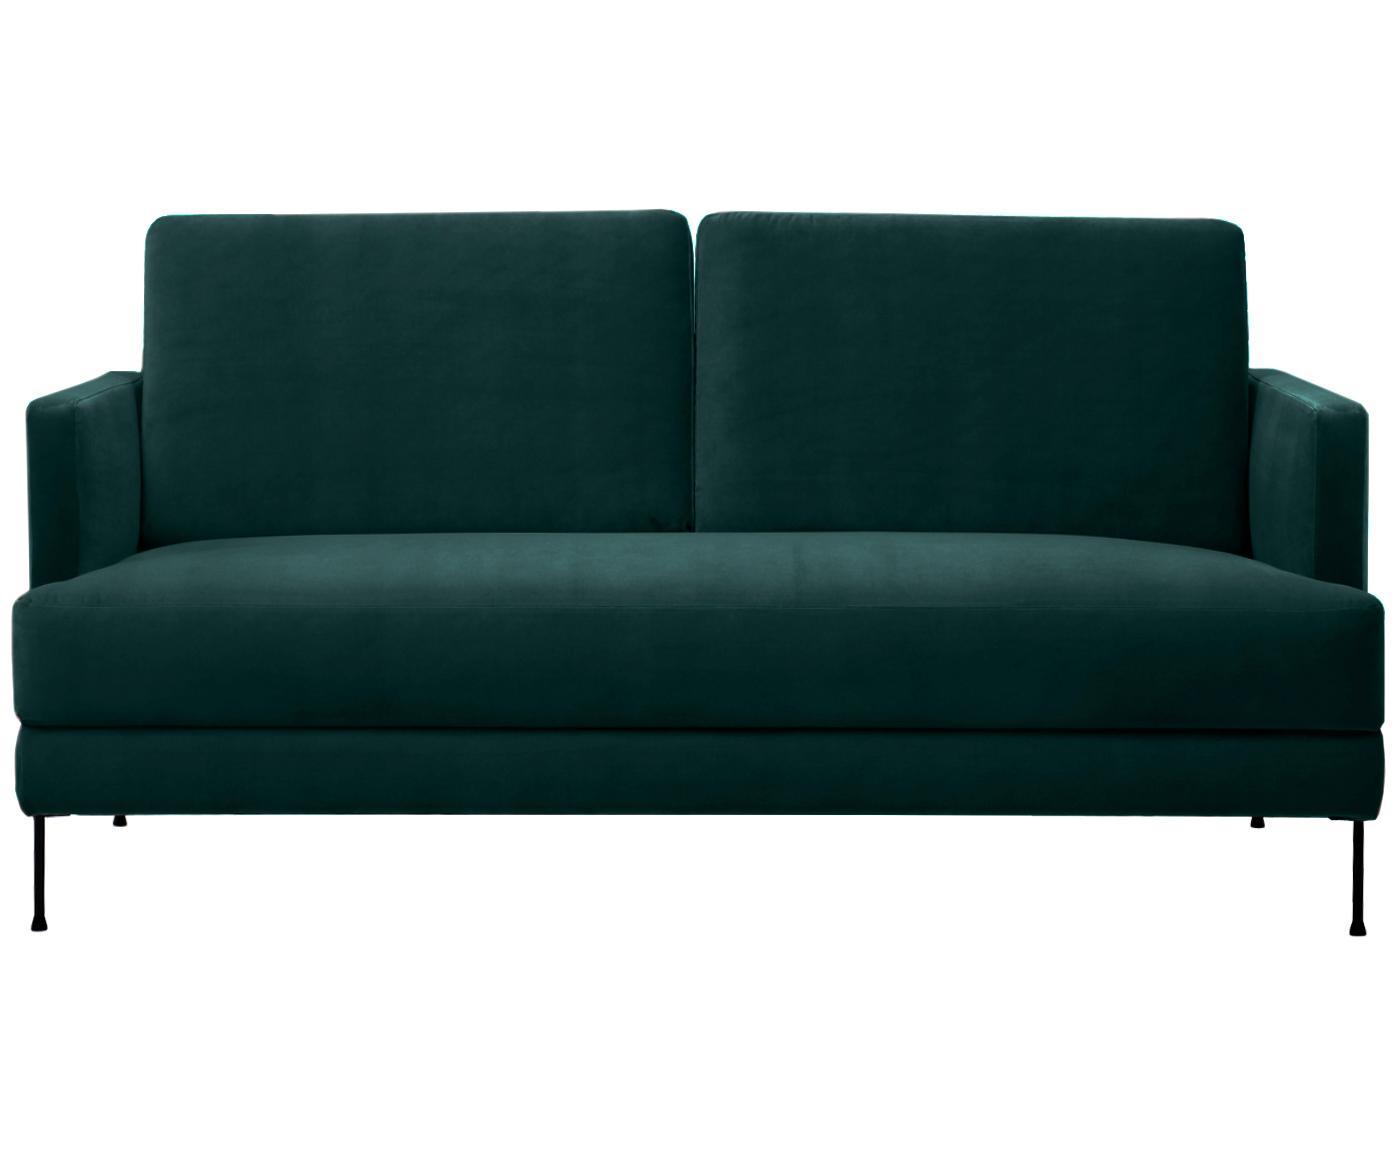 Sofá de terciopelo Fluente (2plazas), Tapizado: terciopelo (tapizado de p, Estructura: madera de pino macizo, Patas: metal, Verde oscuro, An 168 x F 83 cm